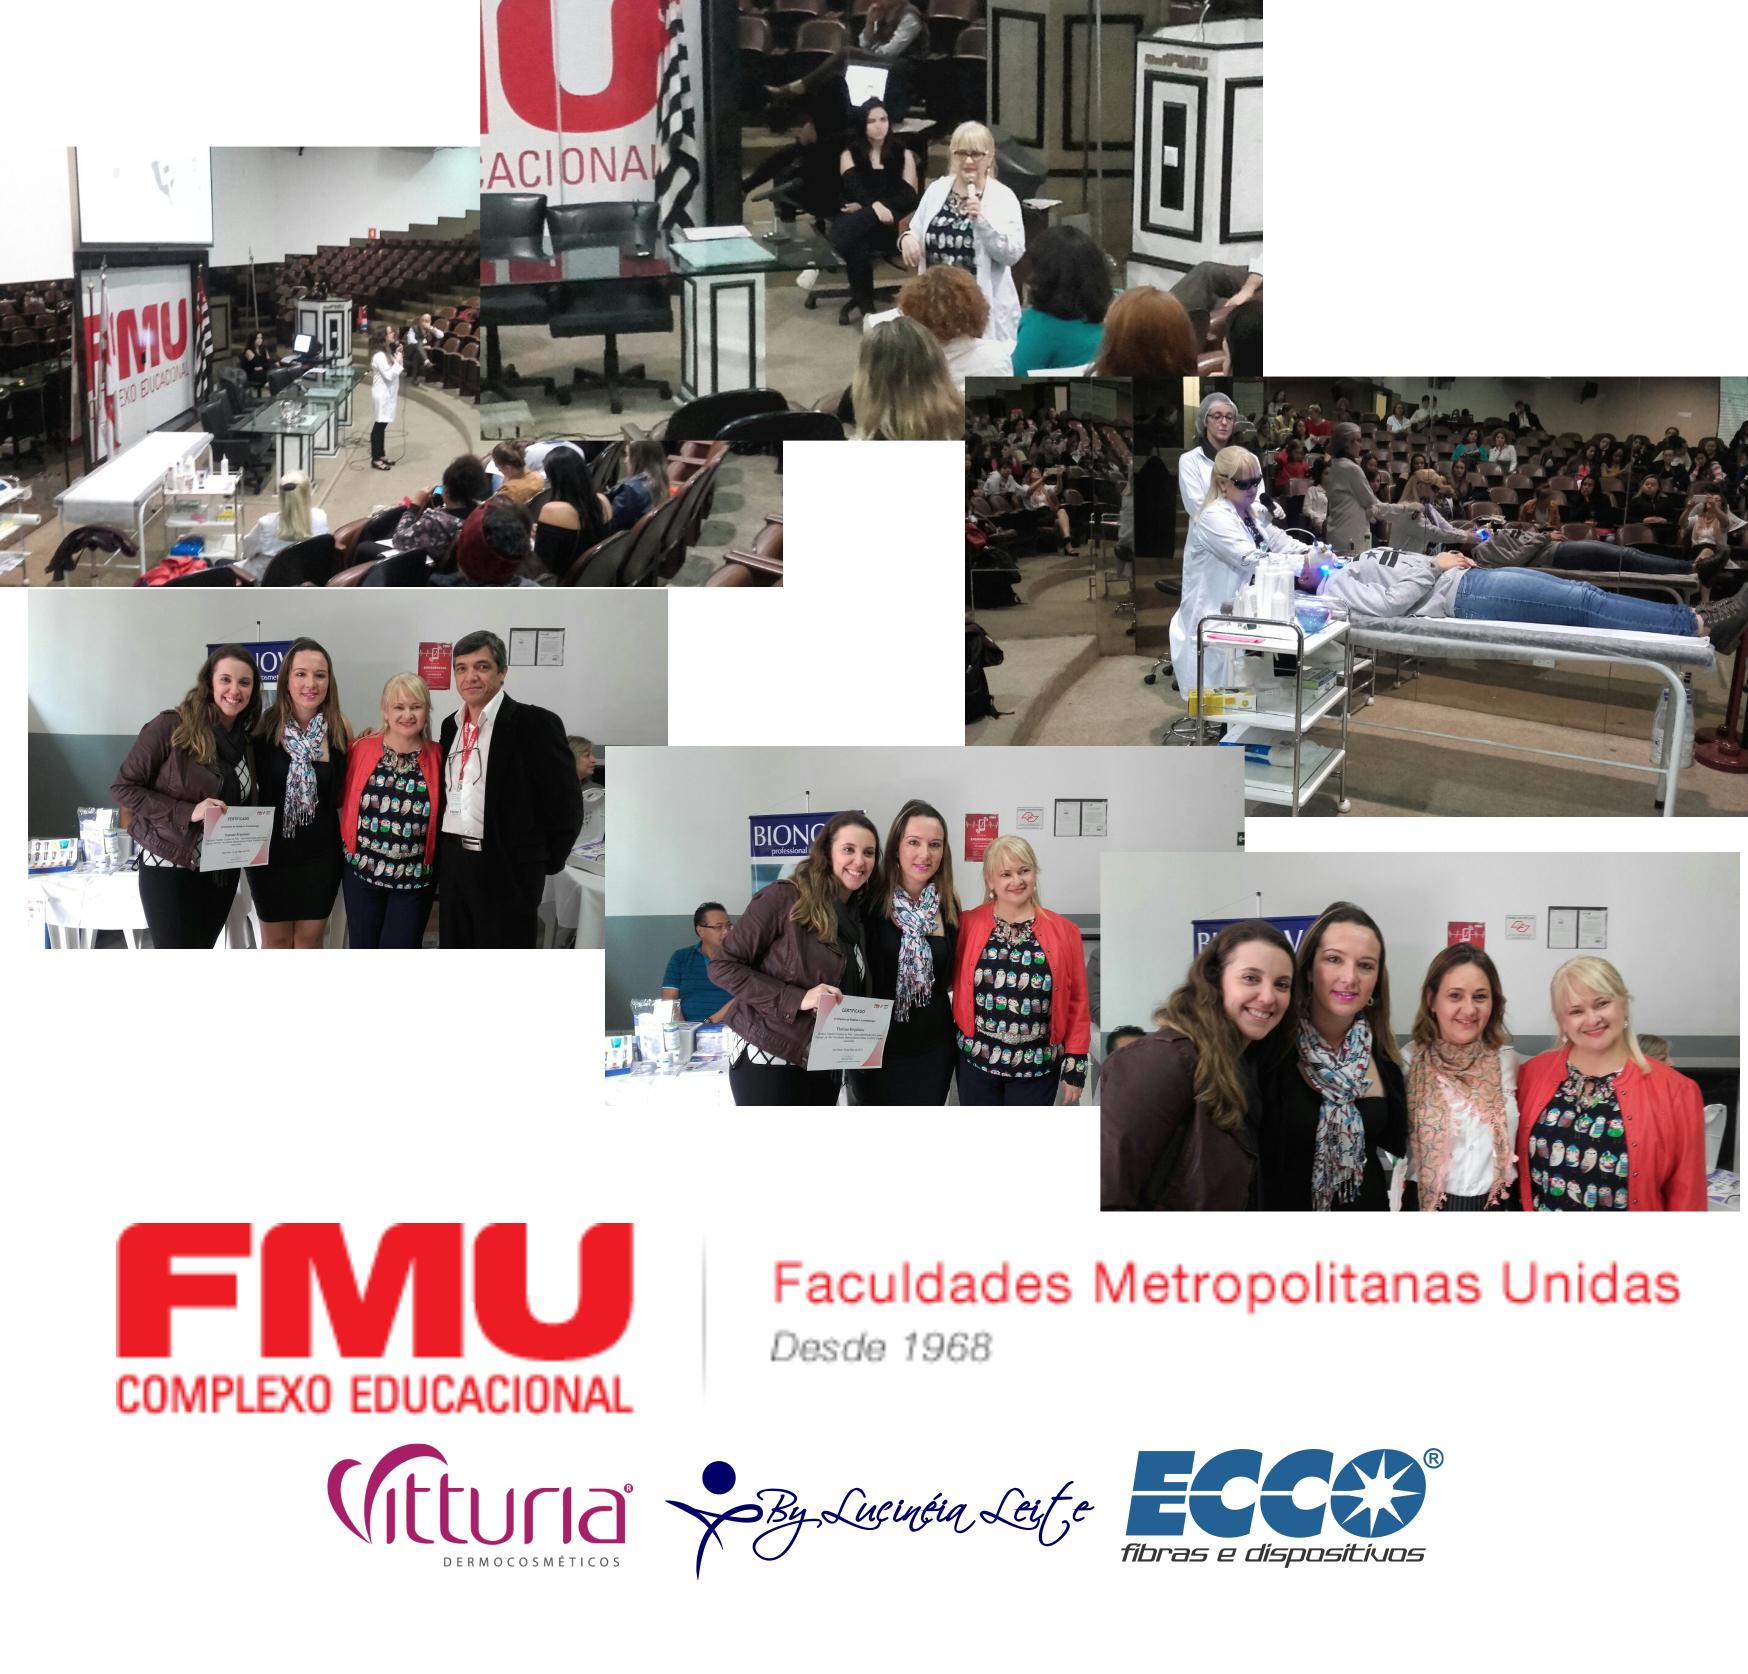 Palestra e apresentação prática na Faculdade FMU SP estética docente / professor(a)